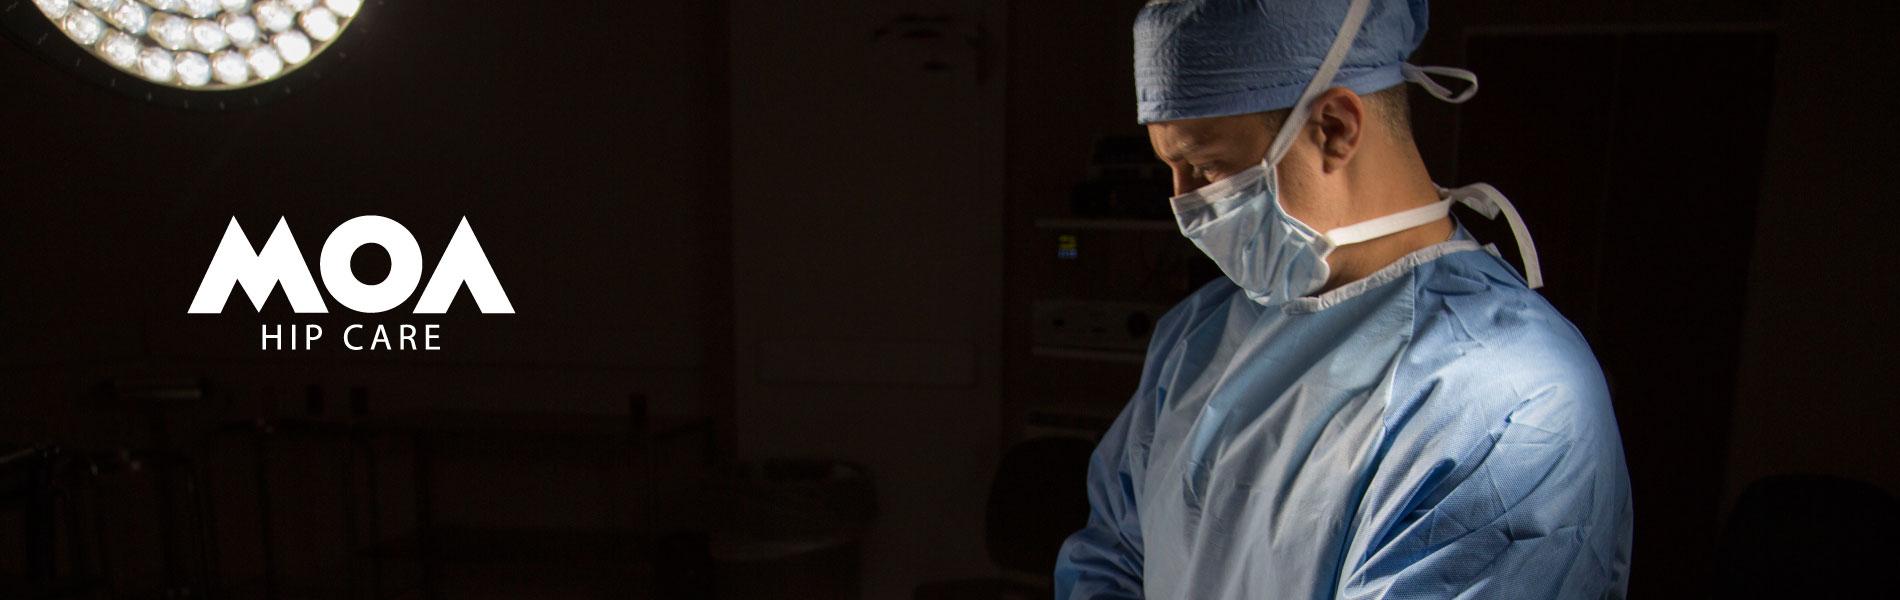 Hip Care Mountainstate Orthopedics